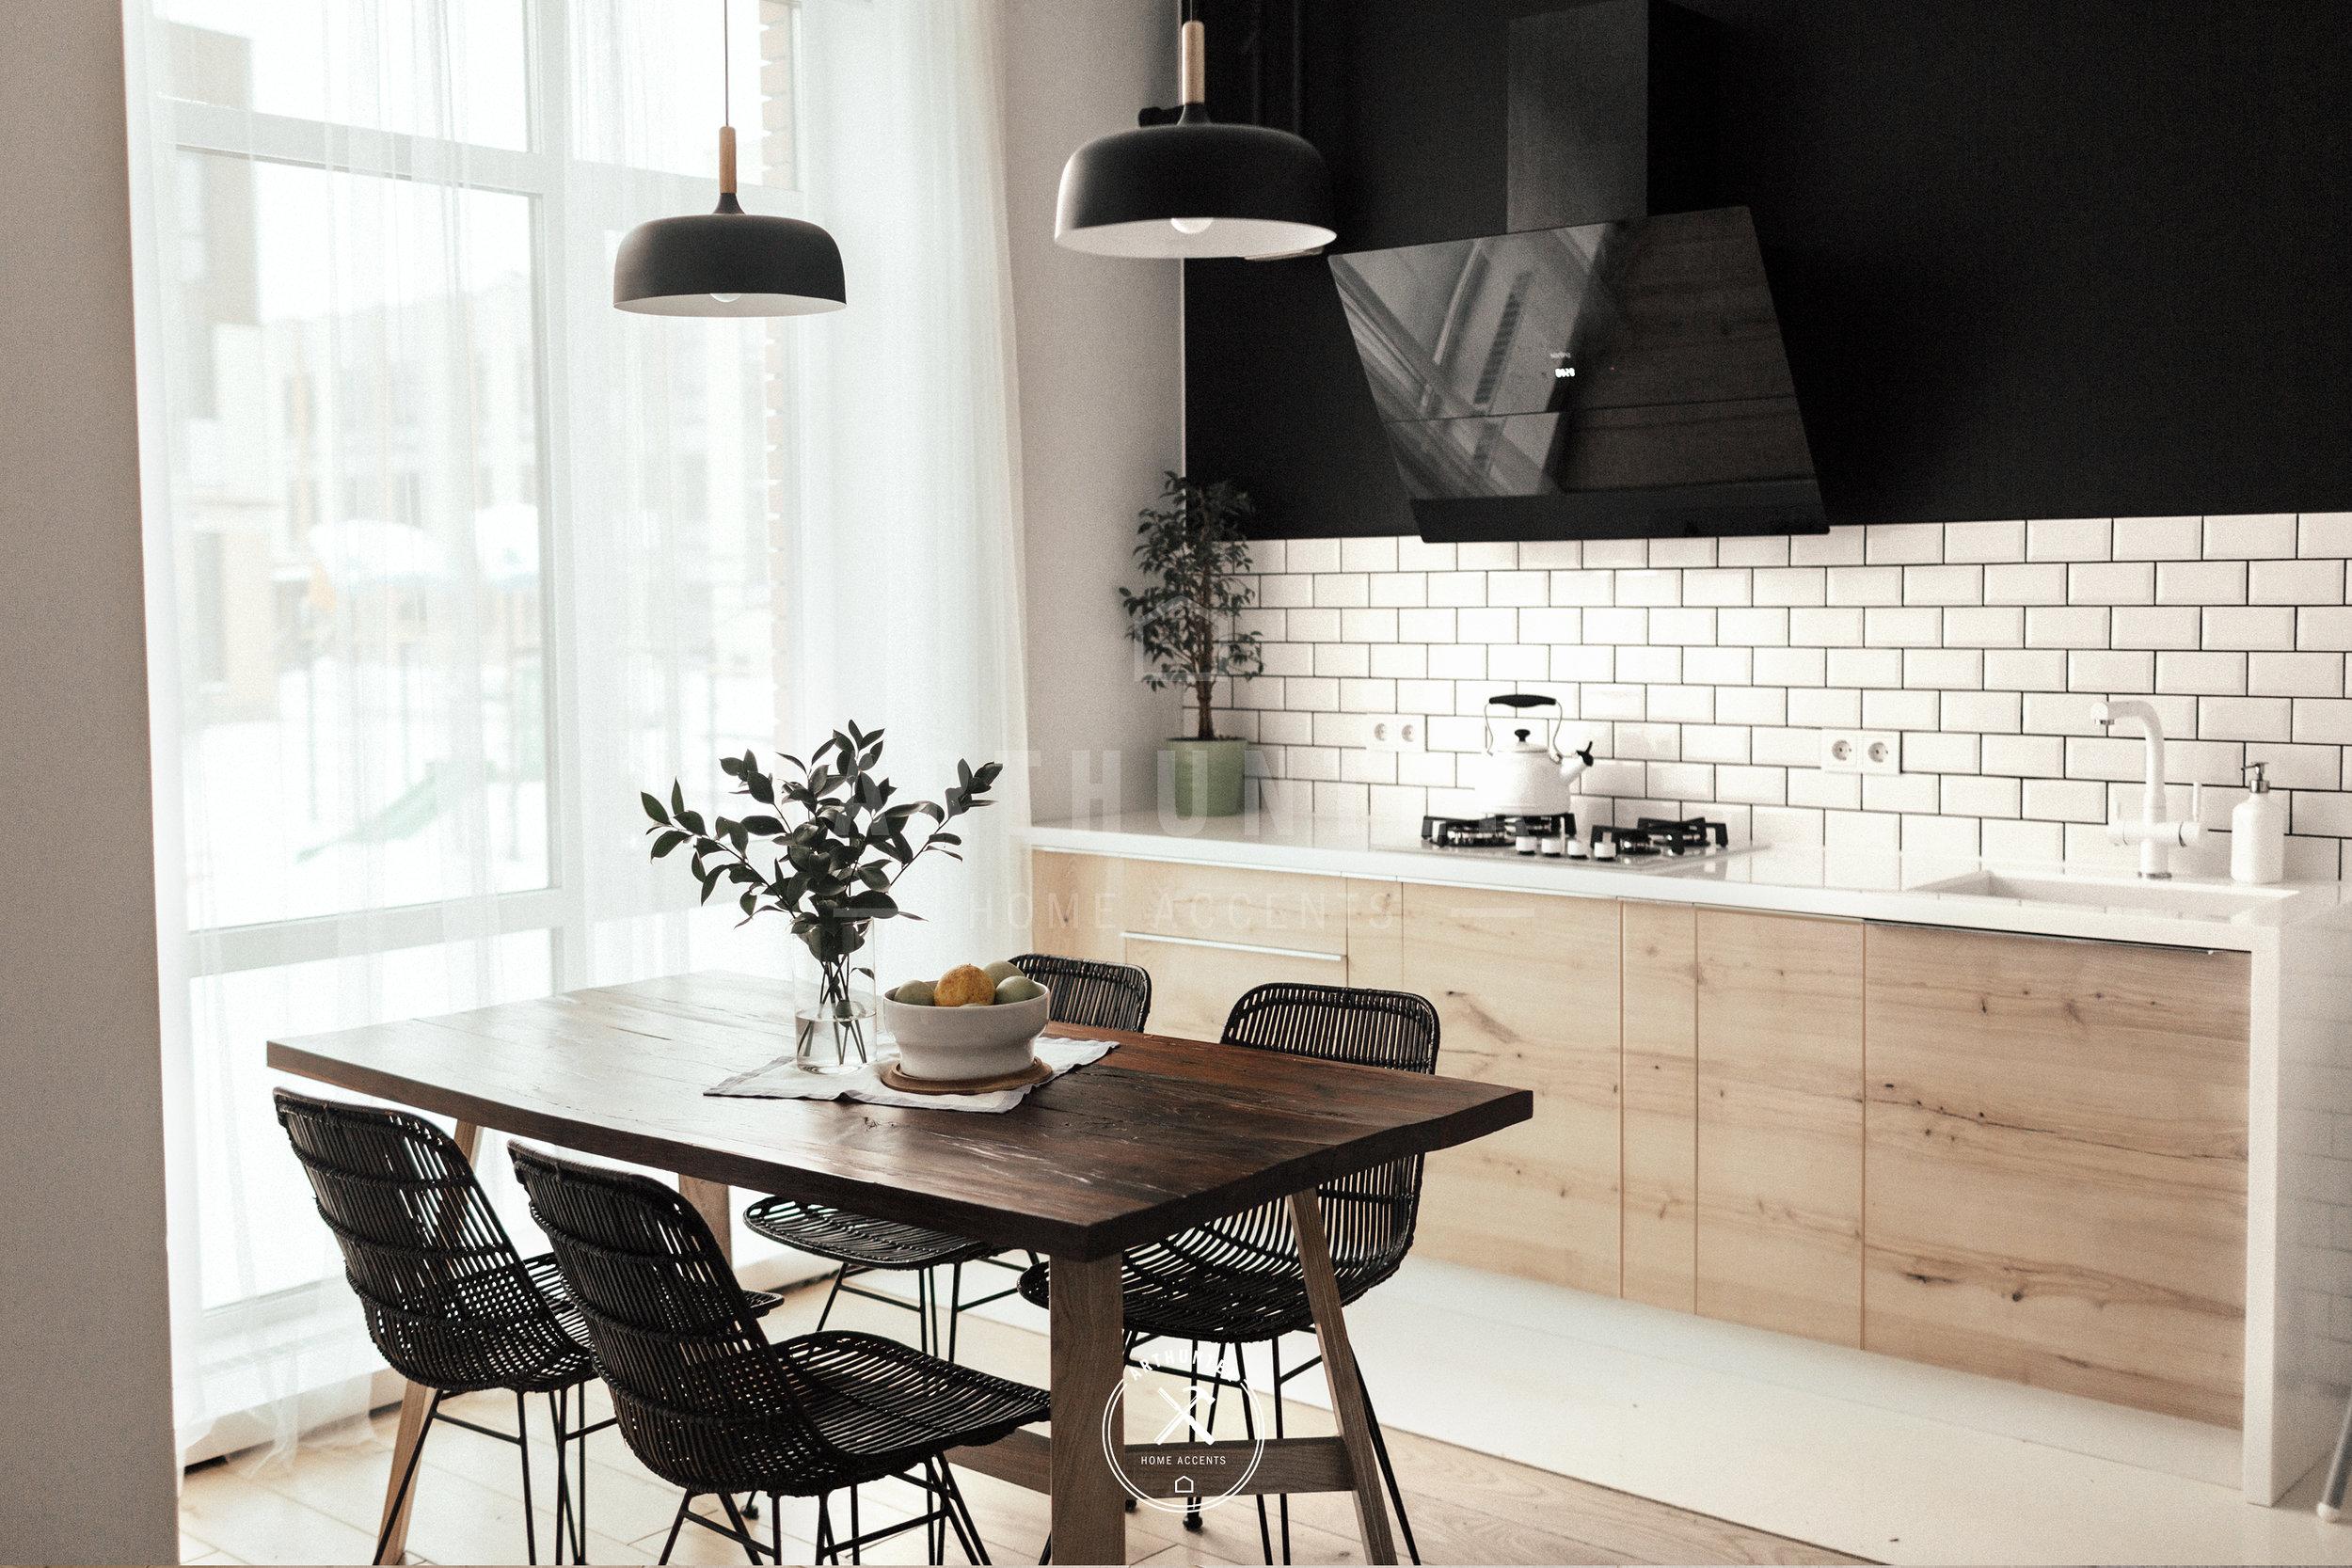 arthunter_kitchen.jpg